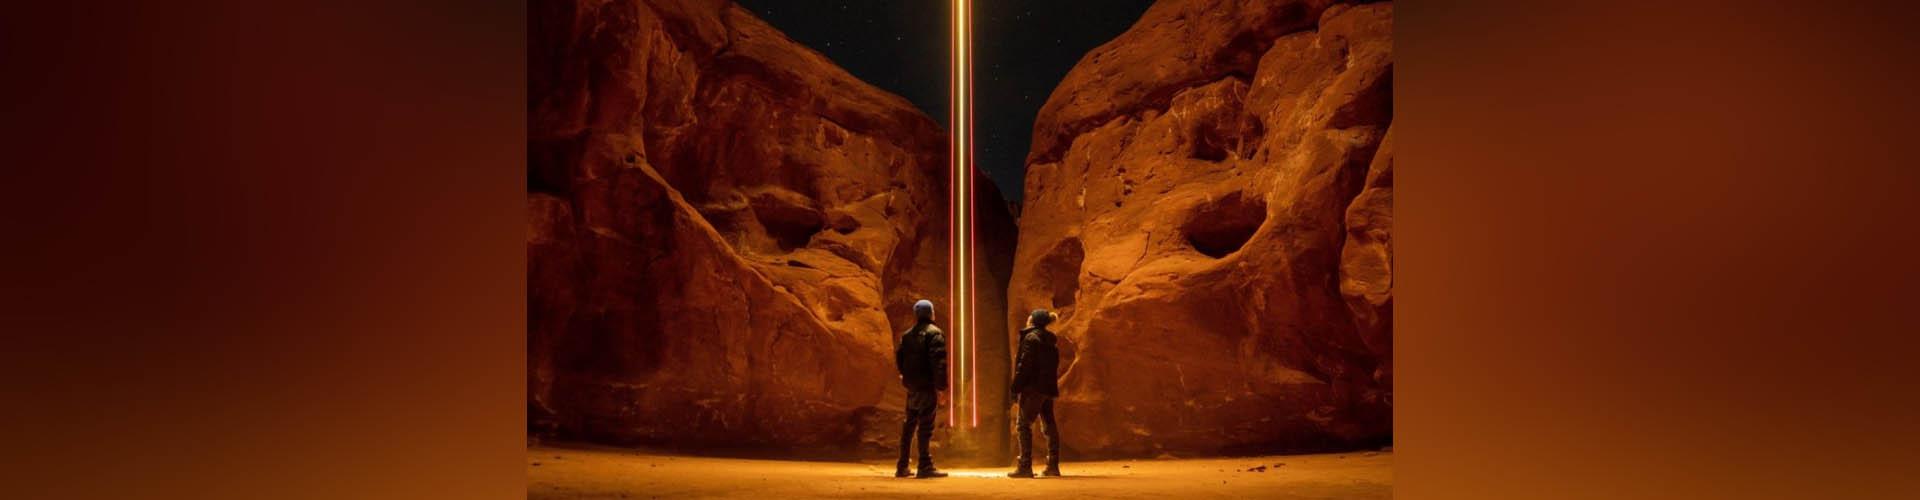 """(VIDEO) Desaparece el """"monolito de Utah"""" y en su lugar descubren otros objetos"""